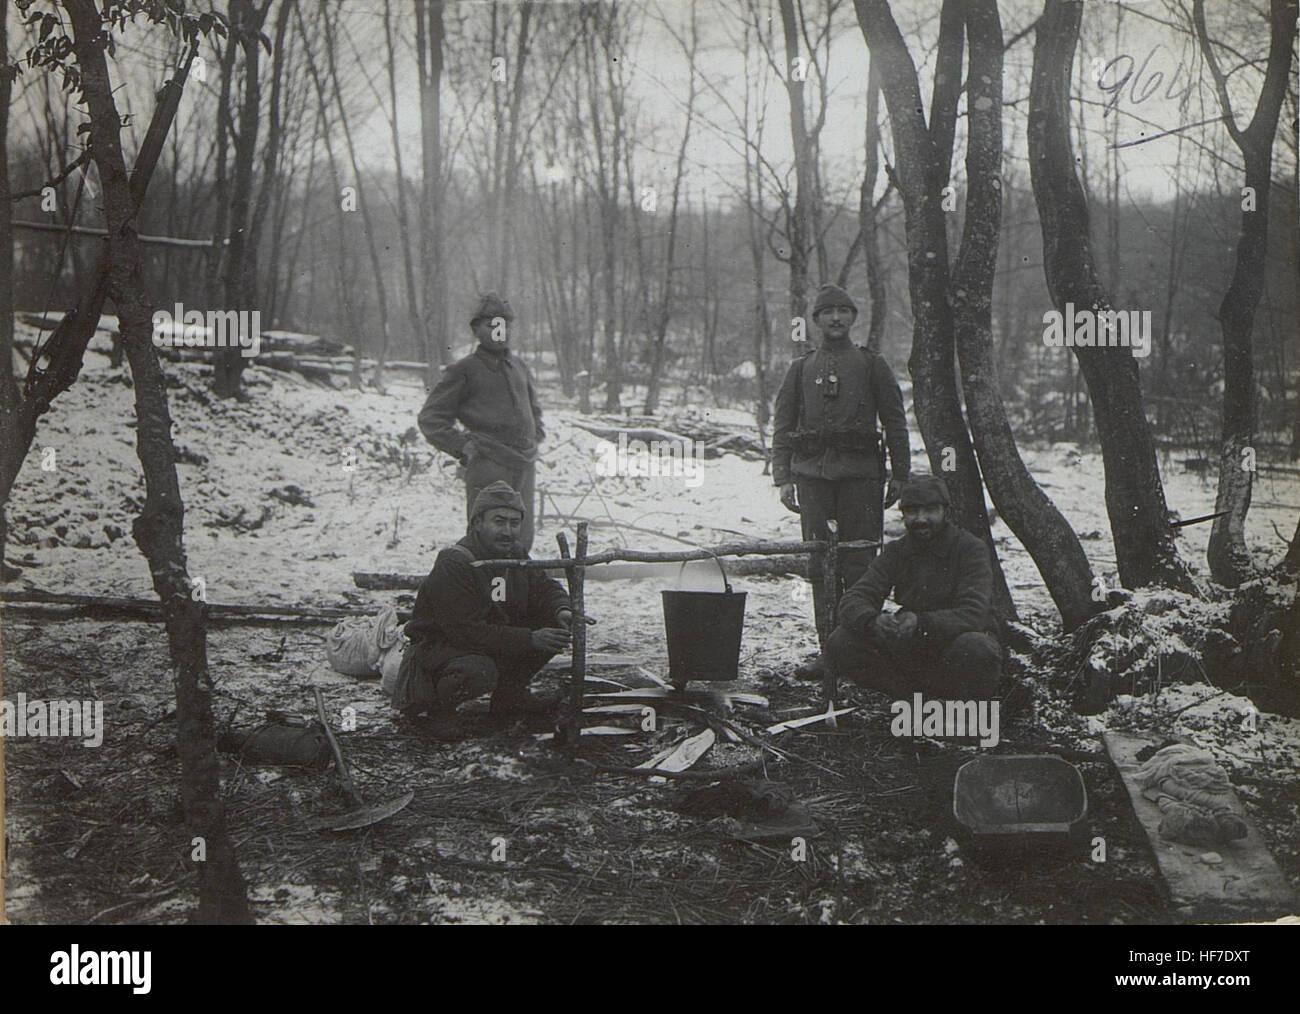 Türk.Mannschaften beim Kochfeuer im Walde bei Mieczyszczow. 15727691) - Stock Image